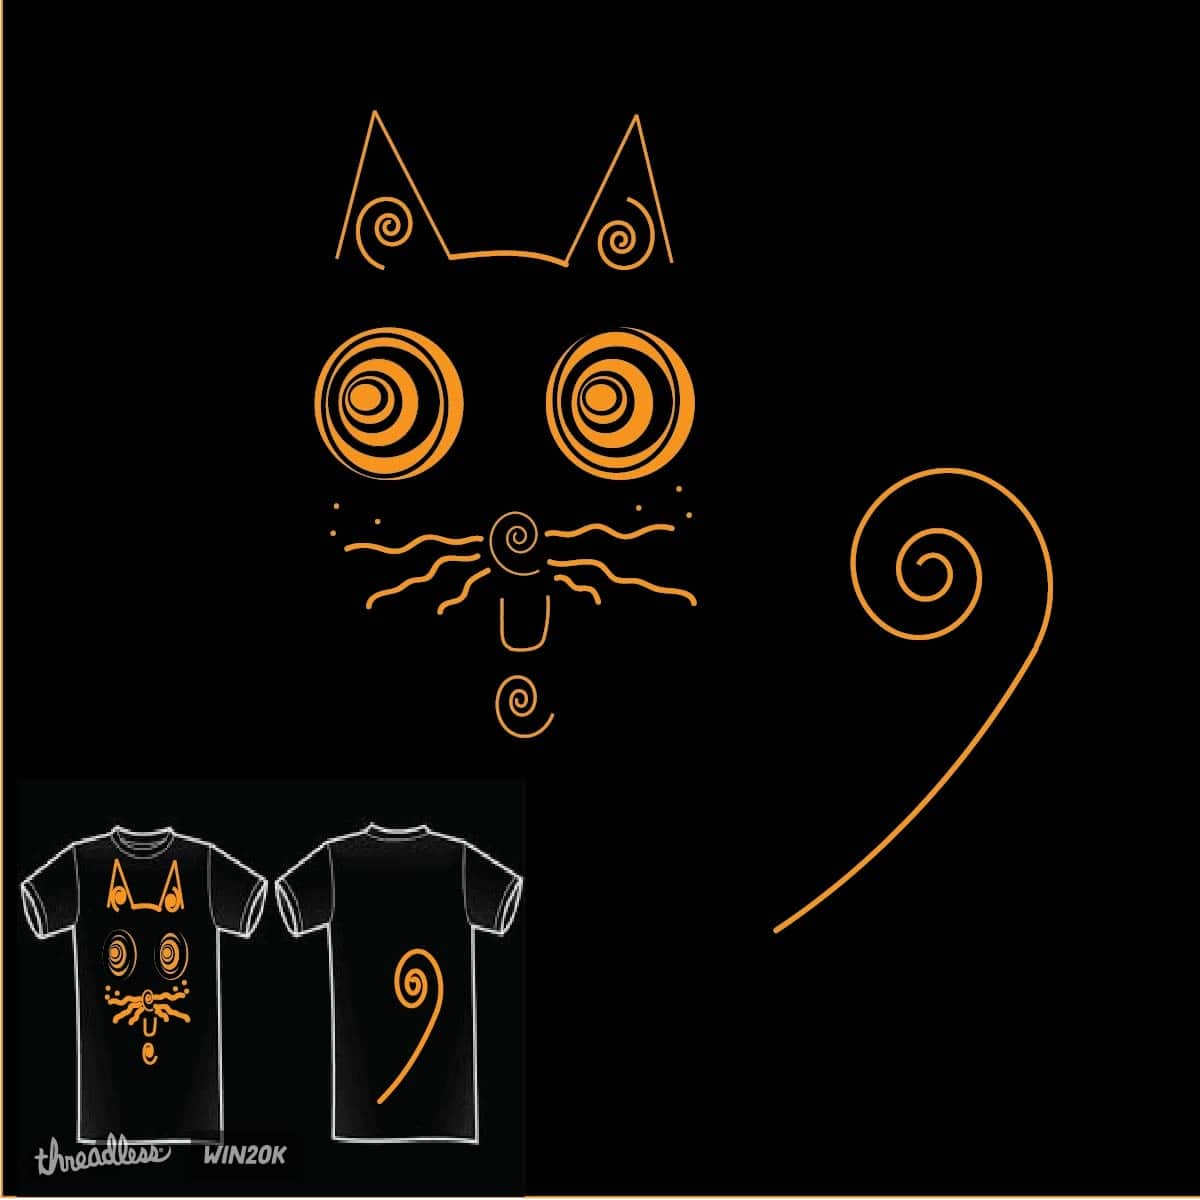 Dizzy Cat by WednesdayCat on Threadless